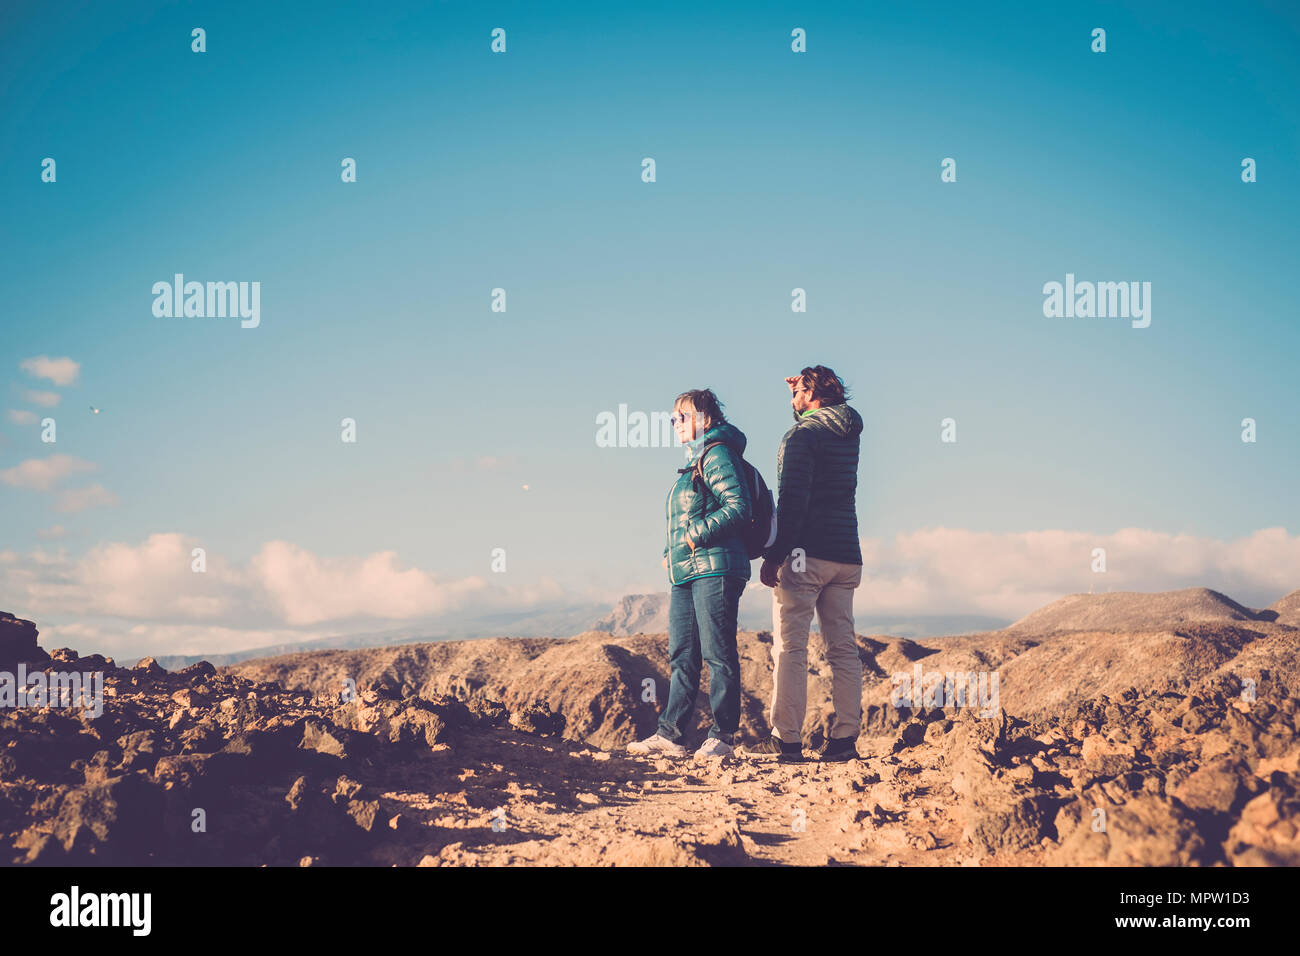 Senior e madre di 45 anno vecchio figlio trascorrere del tempo insieme a piedi su un percorso isolato Immagini Stock